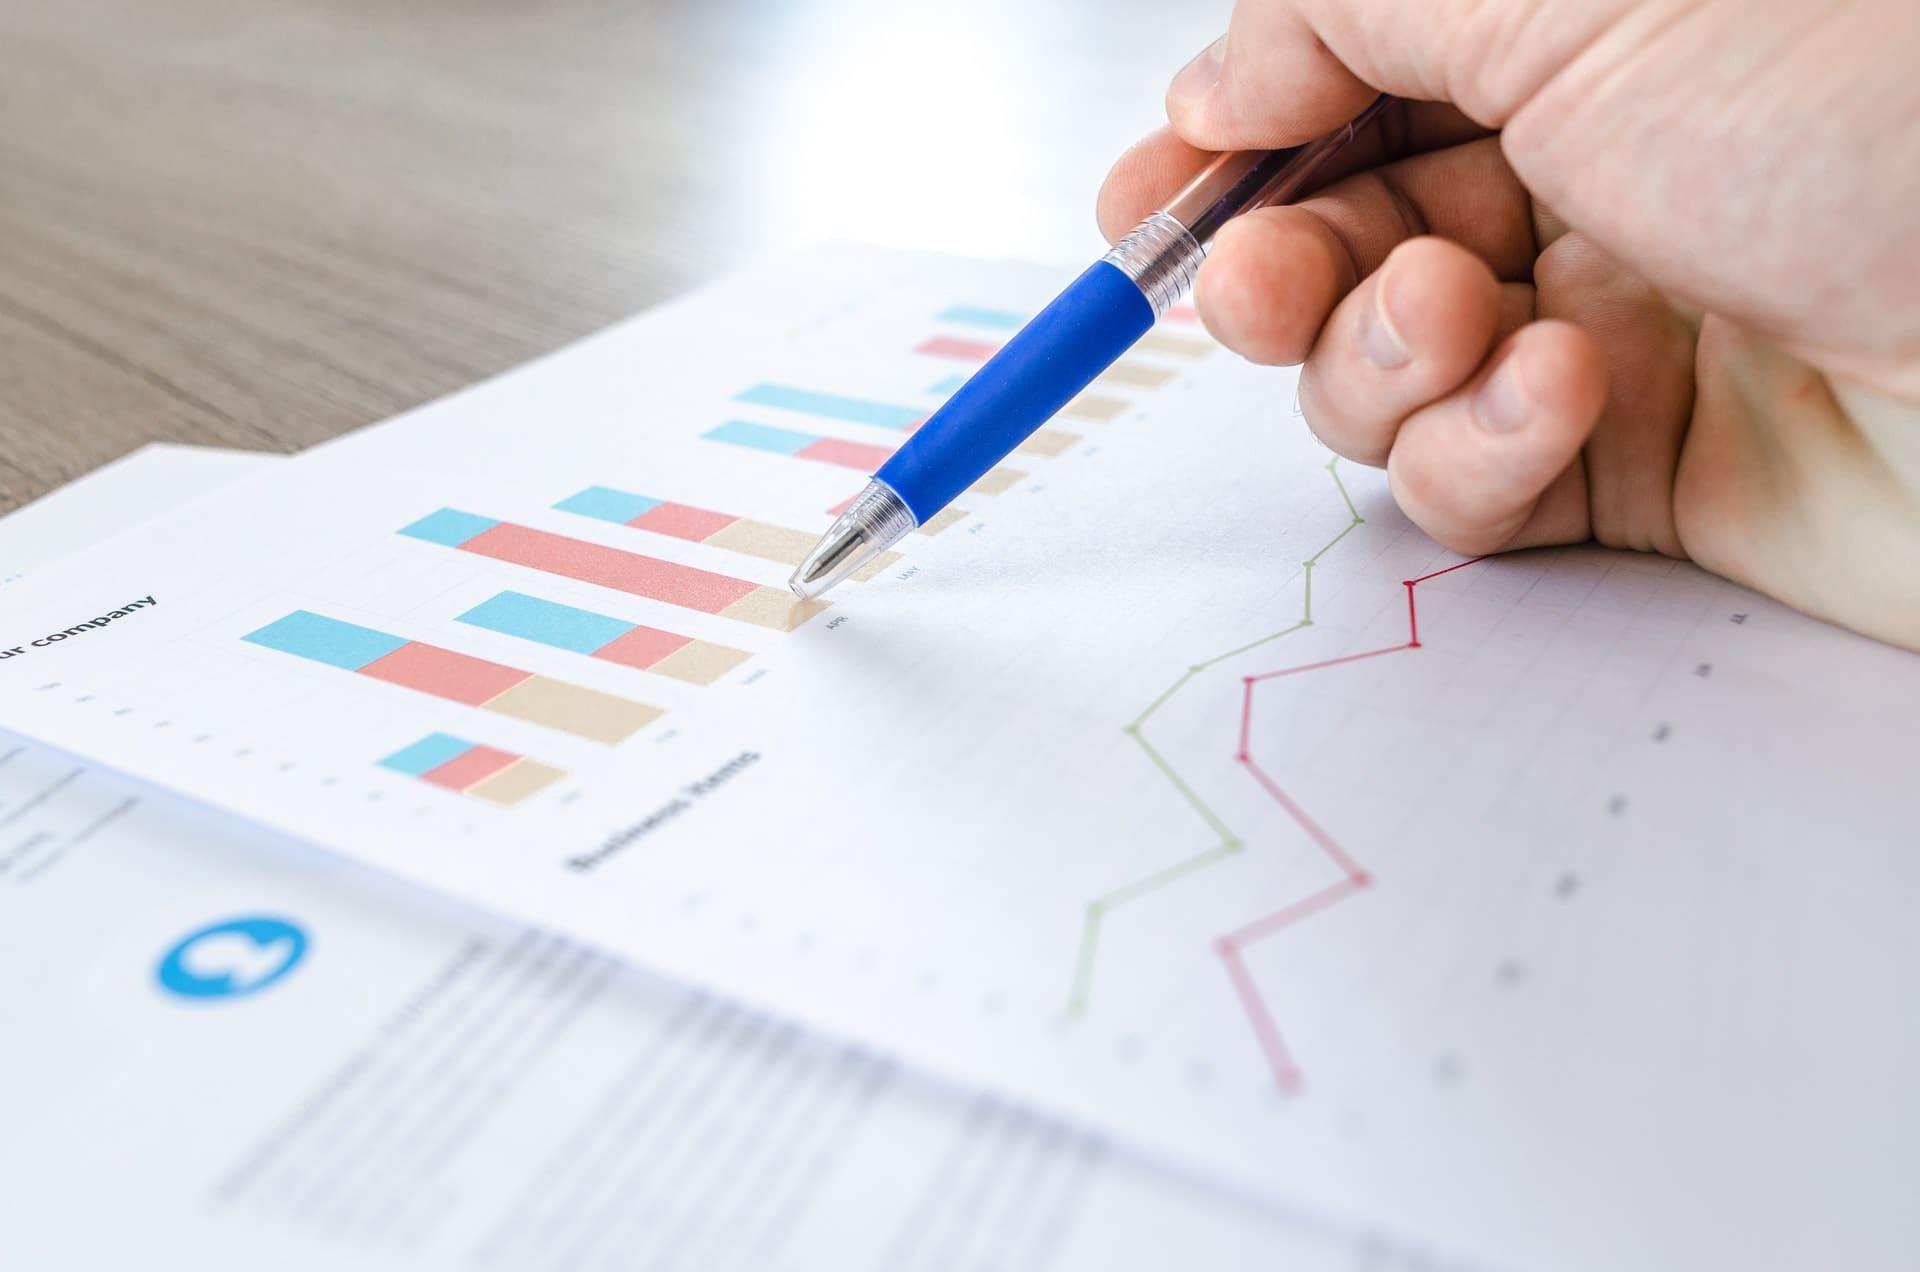 Keyed GmbH – Blogeintrag zu den Auswirkungen der DSGVO auf die Datenschutzerklärung